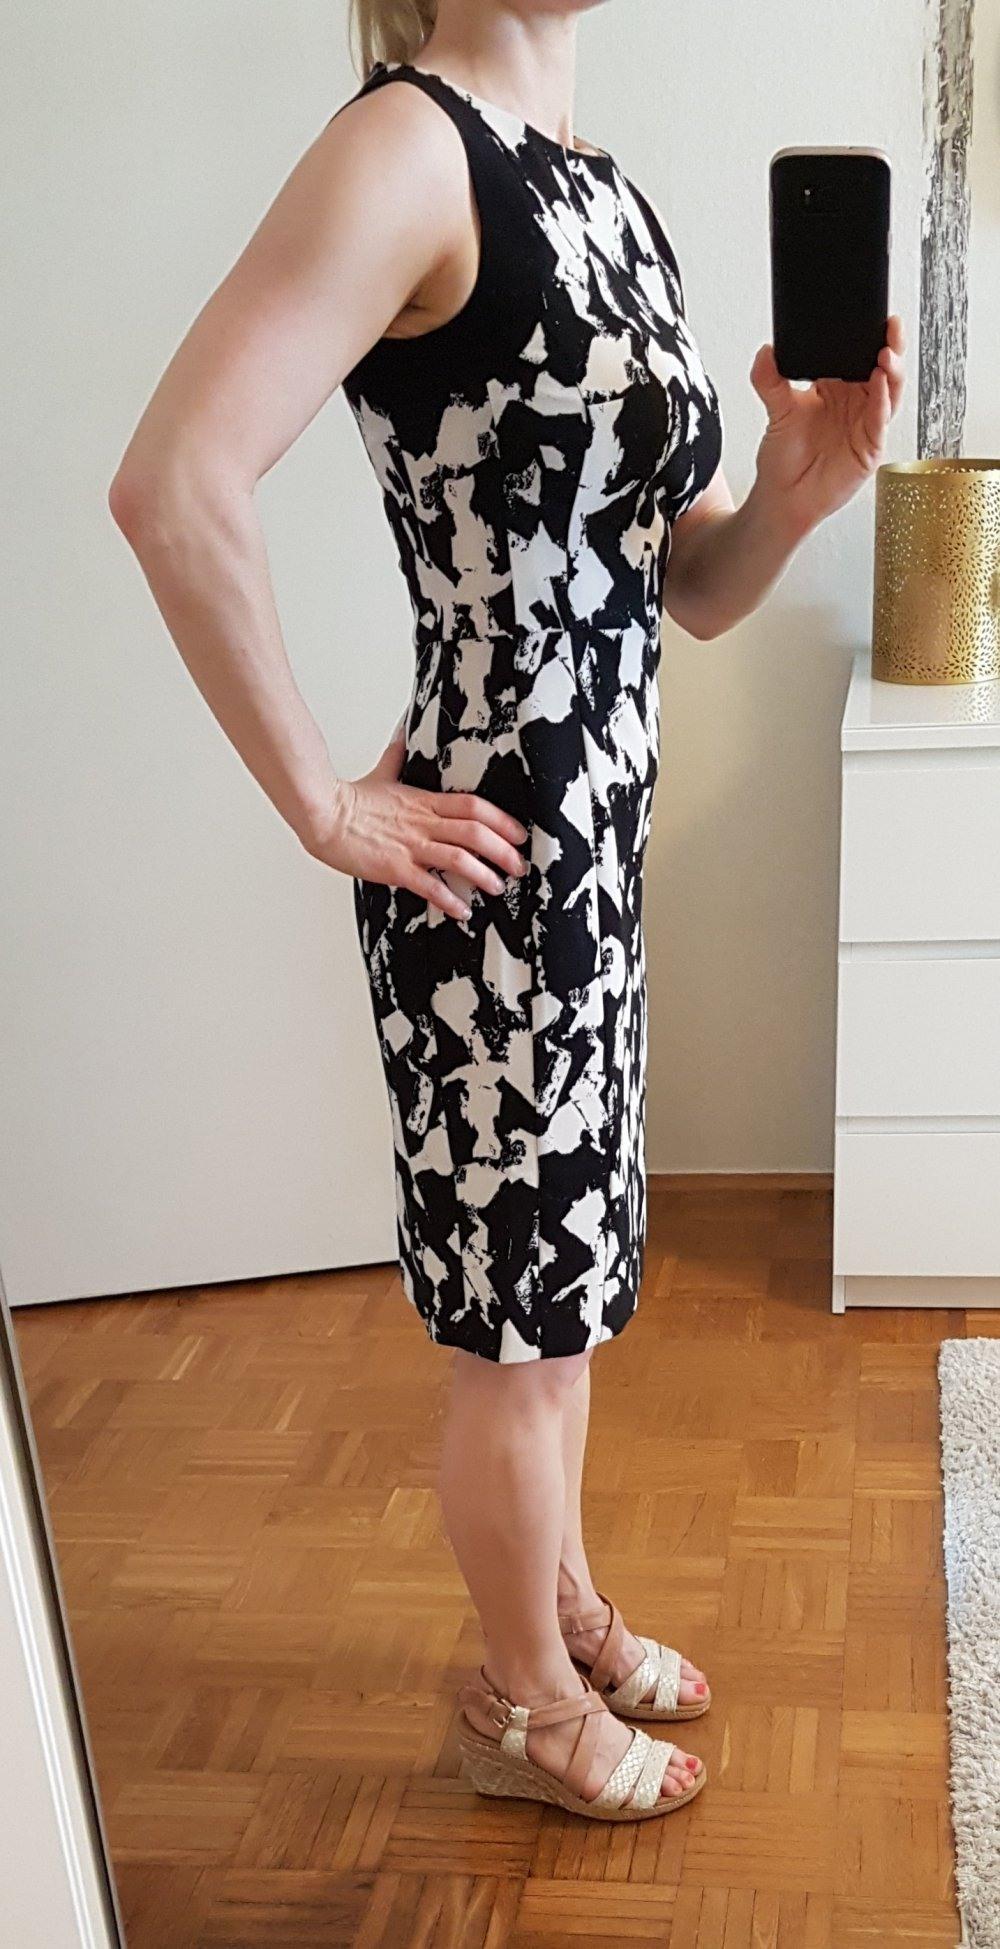 15 Leicht Sommerkleid Gr 36 Galerie15 Ausgezeichnet Sommerkleid Gr 36 für 2019